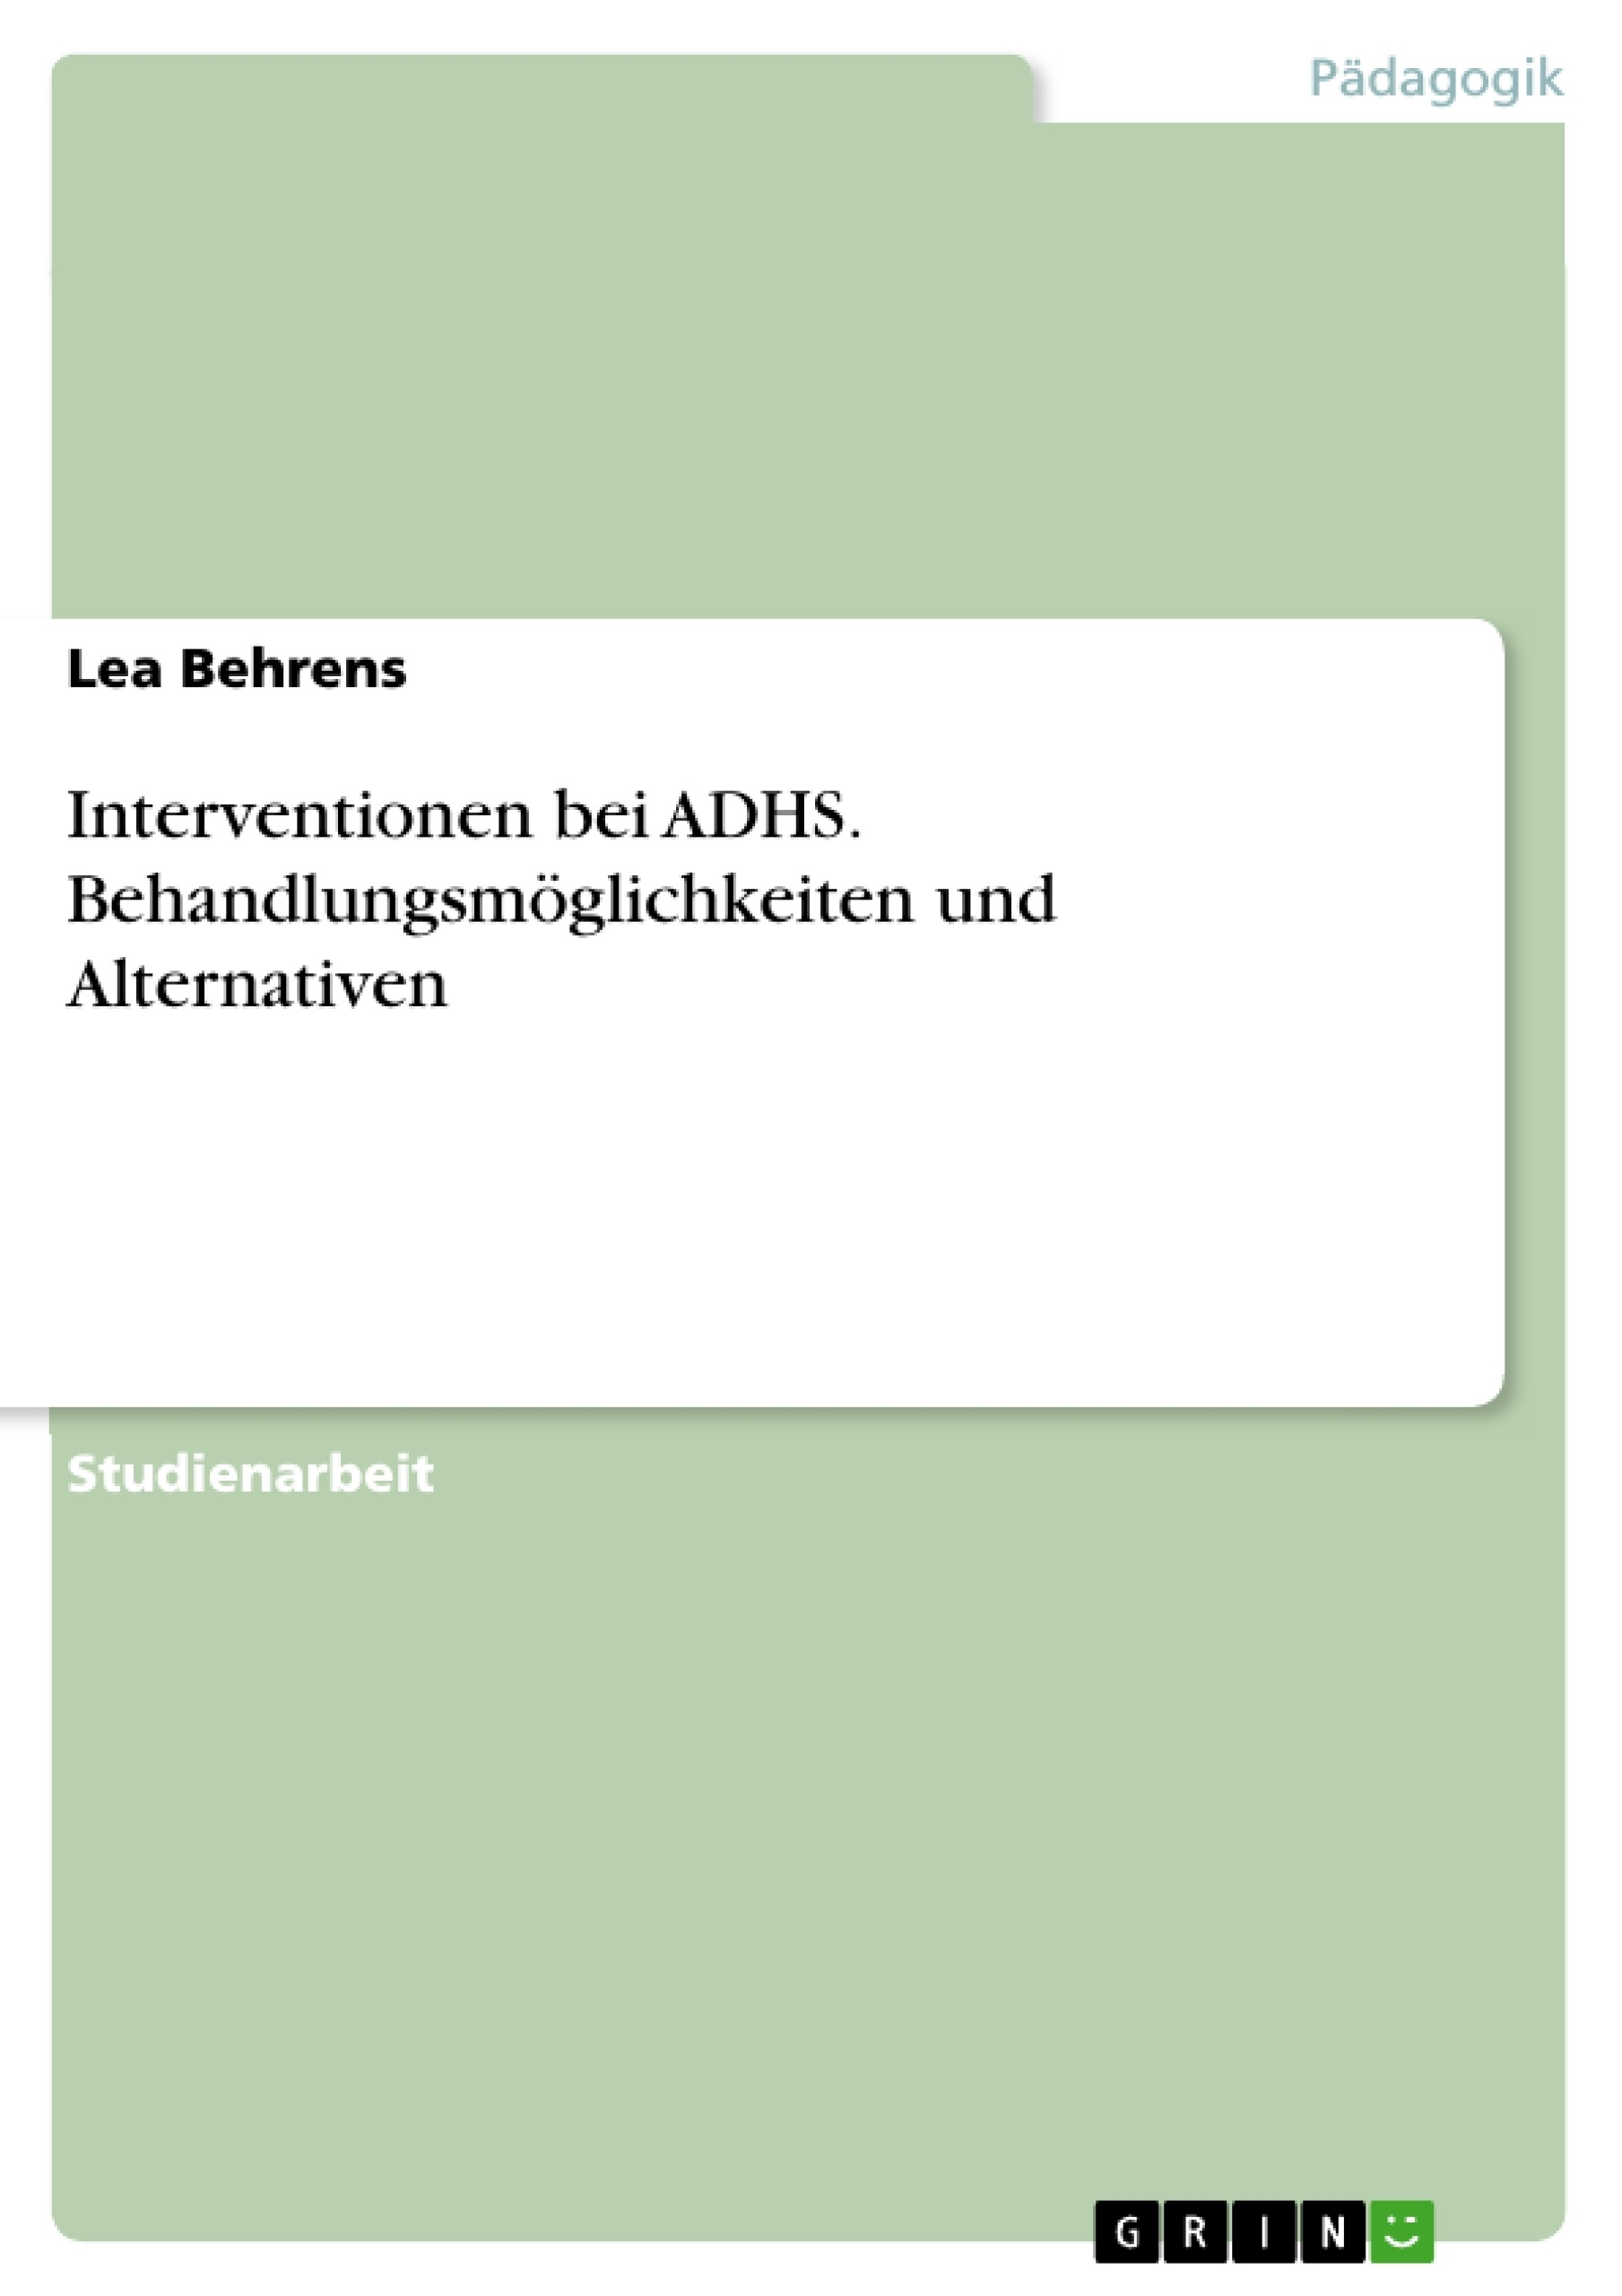 Titel: Interventionen bei ADHS. Behandlungsmöglichkeiten und Alternativen